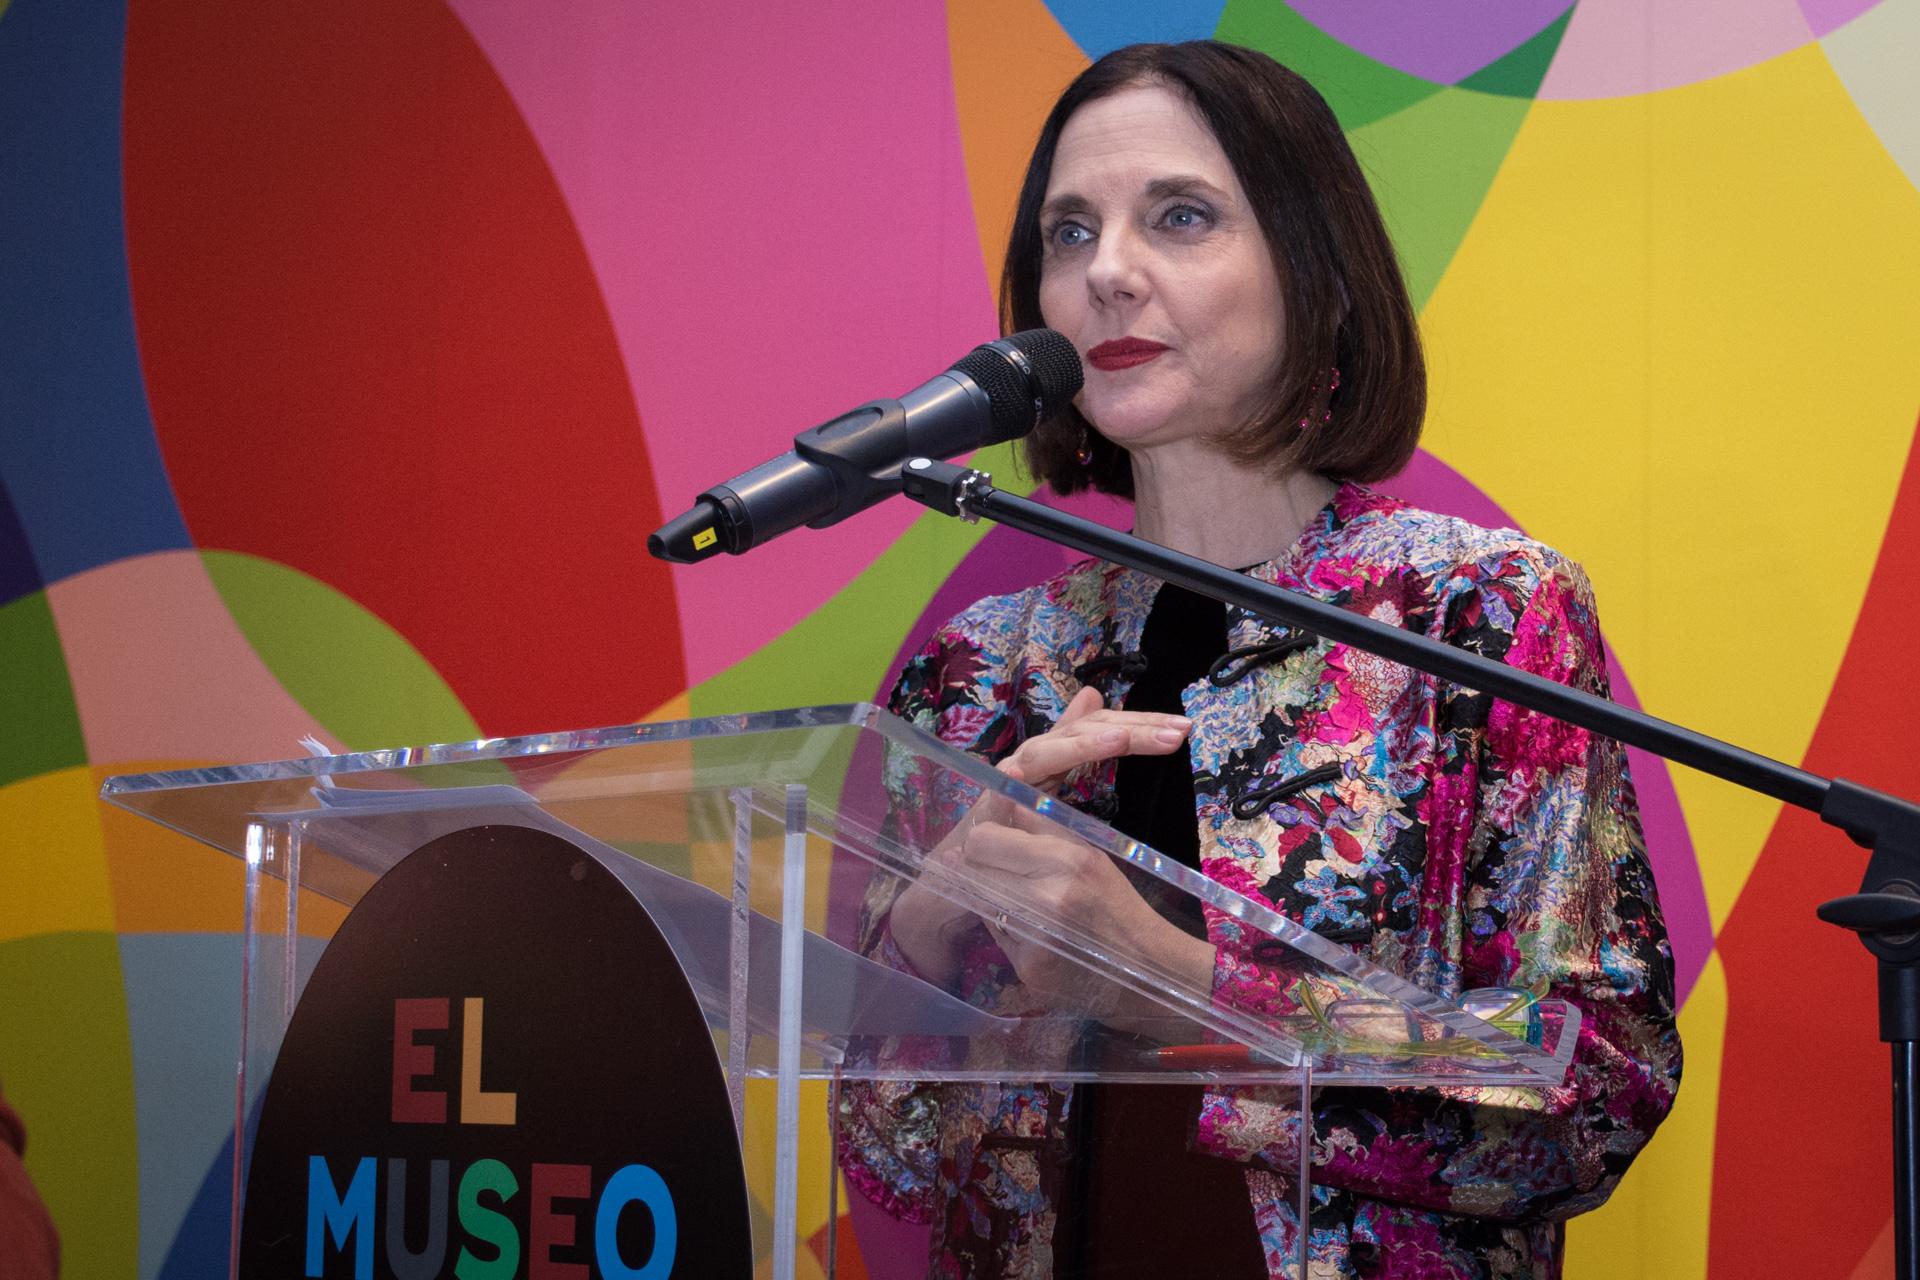 La conducción de la gala estuvo a cargo de Silvina Chediek /// Fotos: Martín Rosenzveig